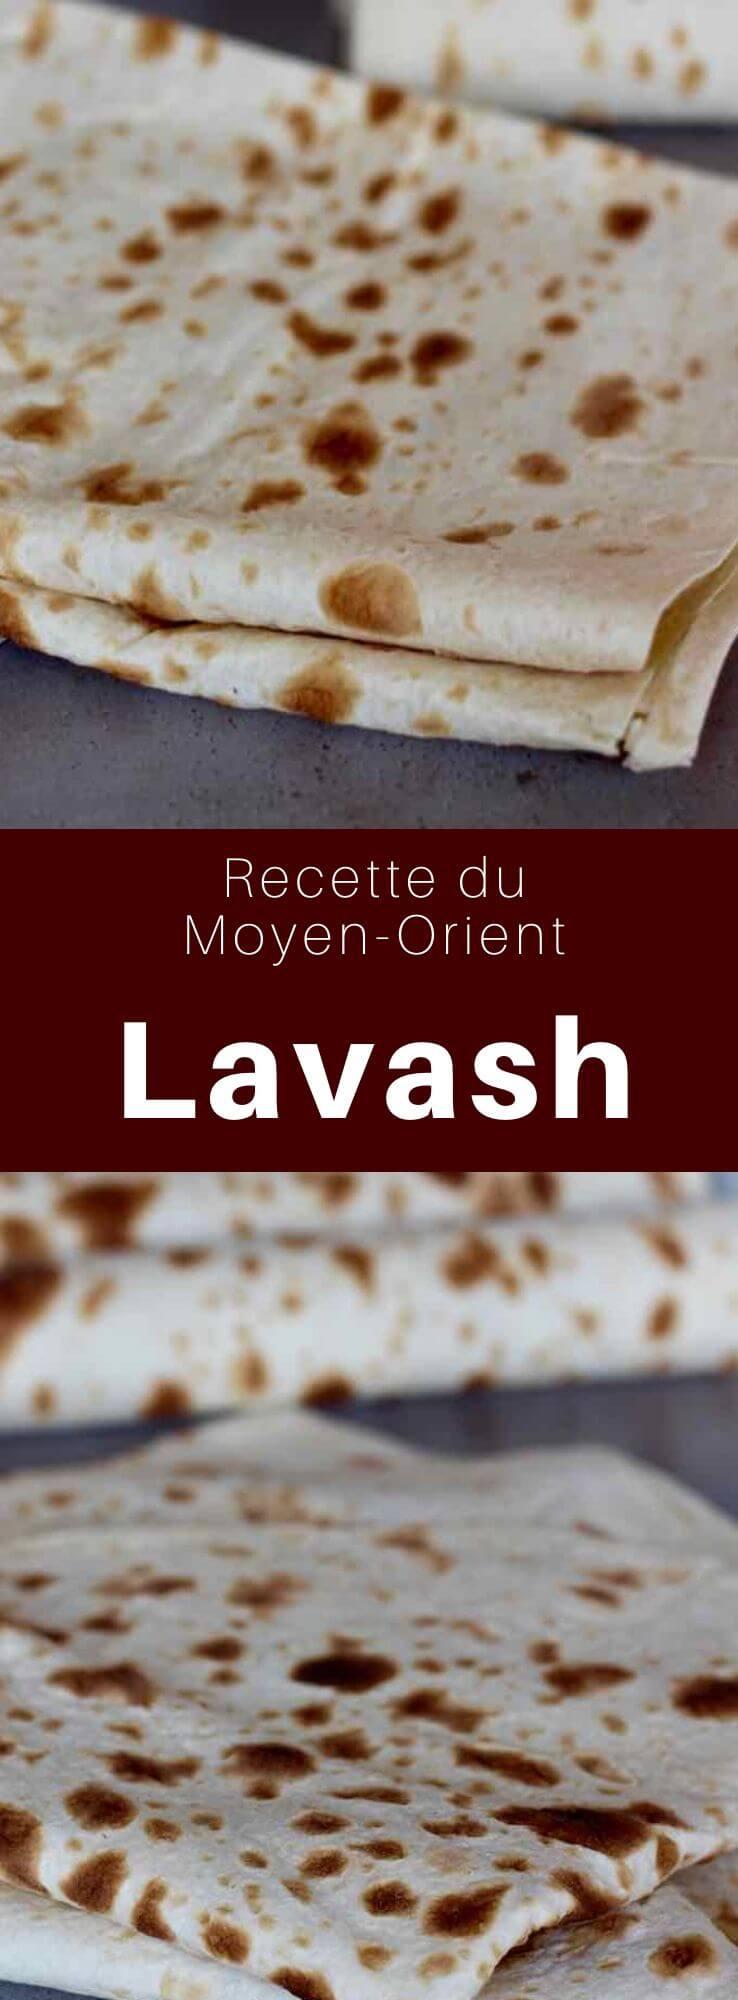 Le lavash est un pain plat sans levain commun à l'Arménie et la majeure partie du Moyen-Orient, la Transcaucasie, et l'Asie Occidentale. #CuisineDuMoyenOrient #MoyenOrient #CuisineDuMonde #196flavors